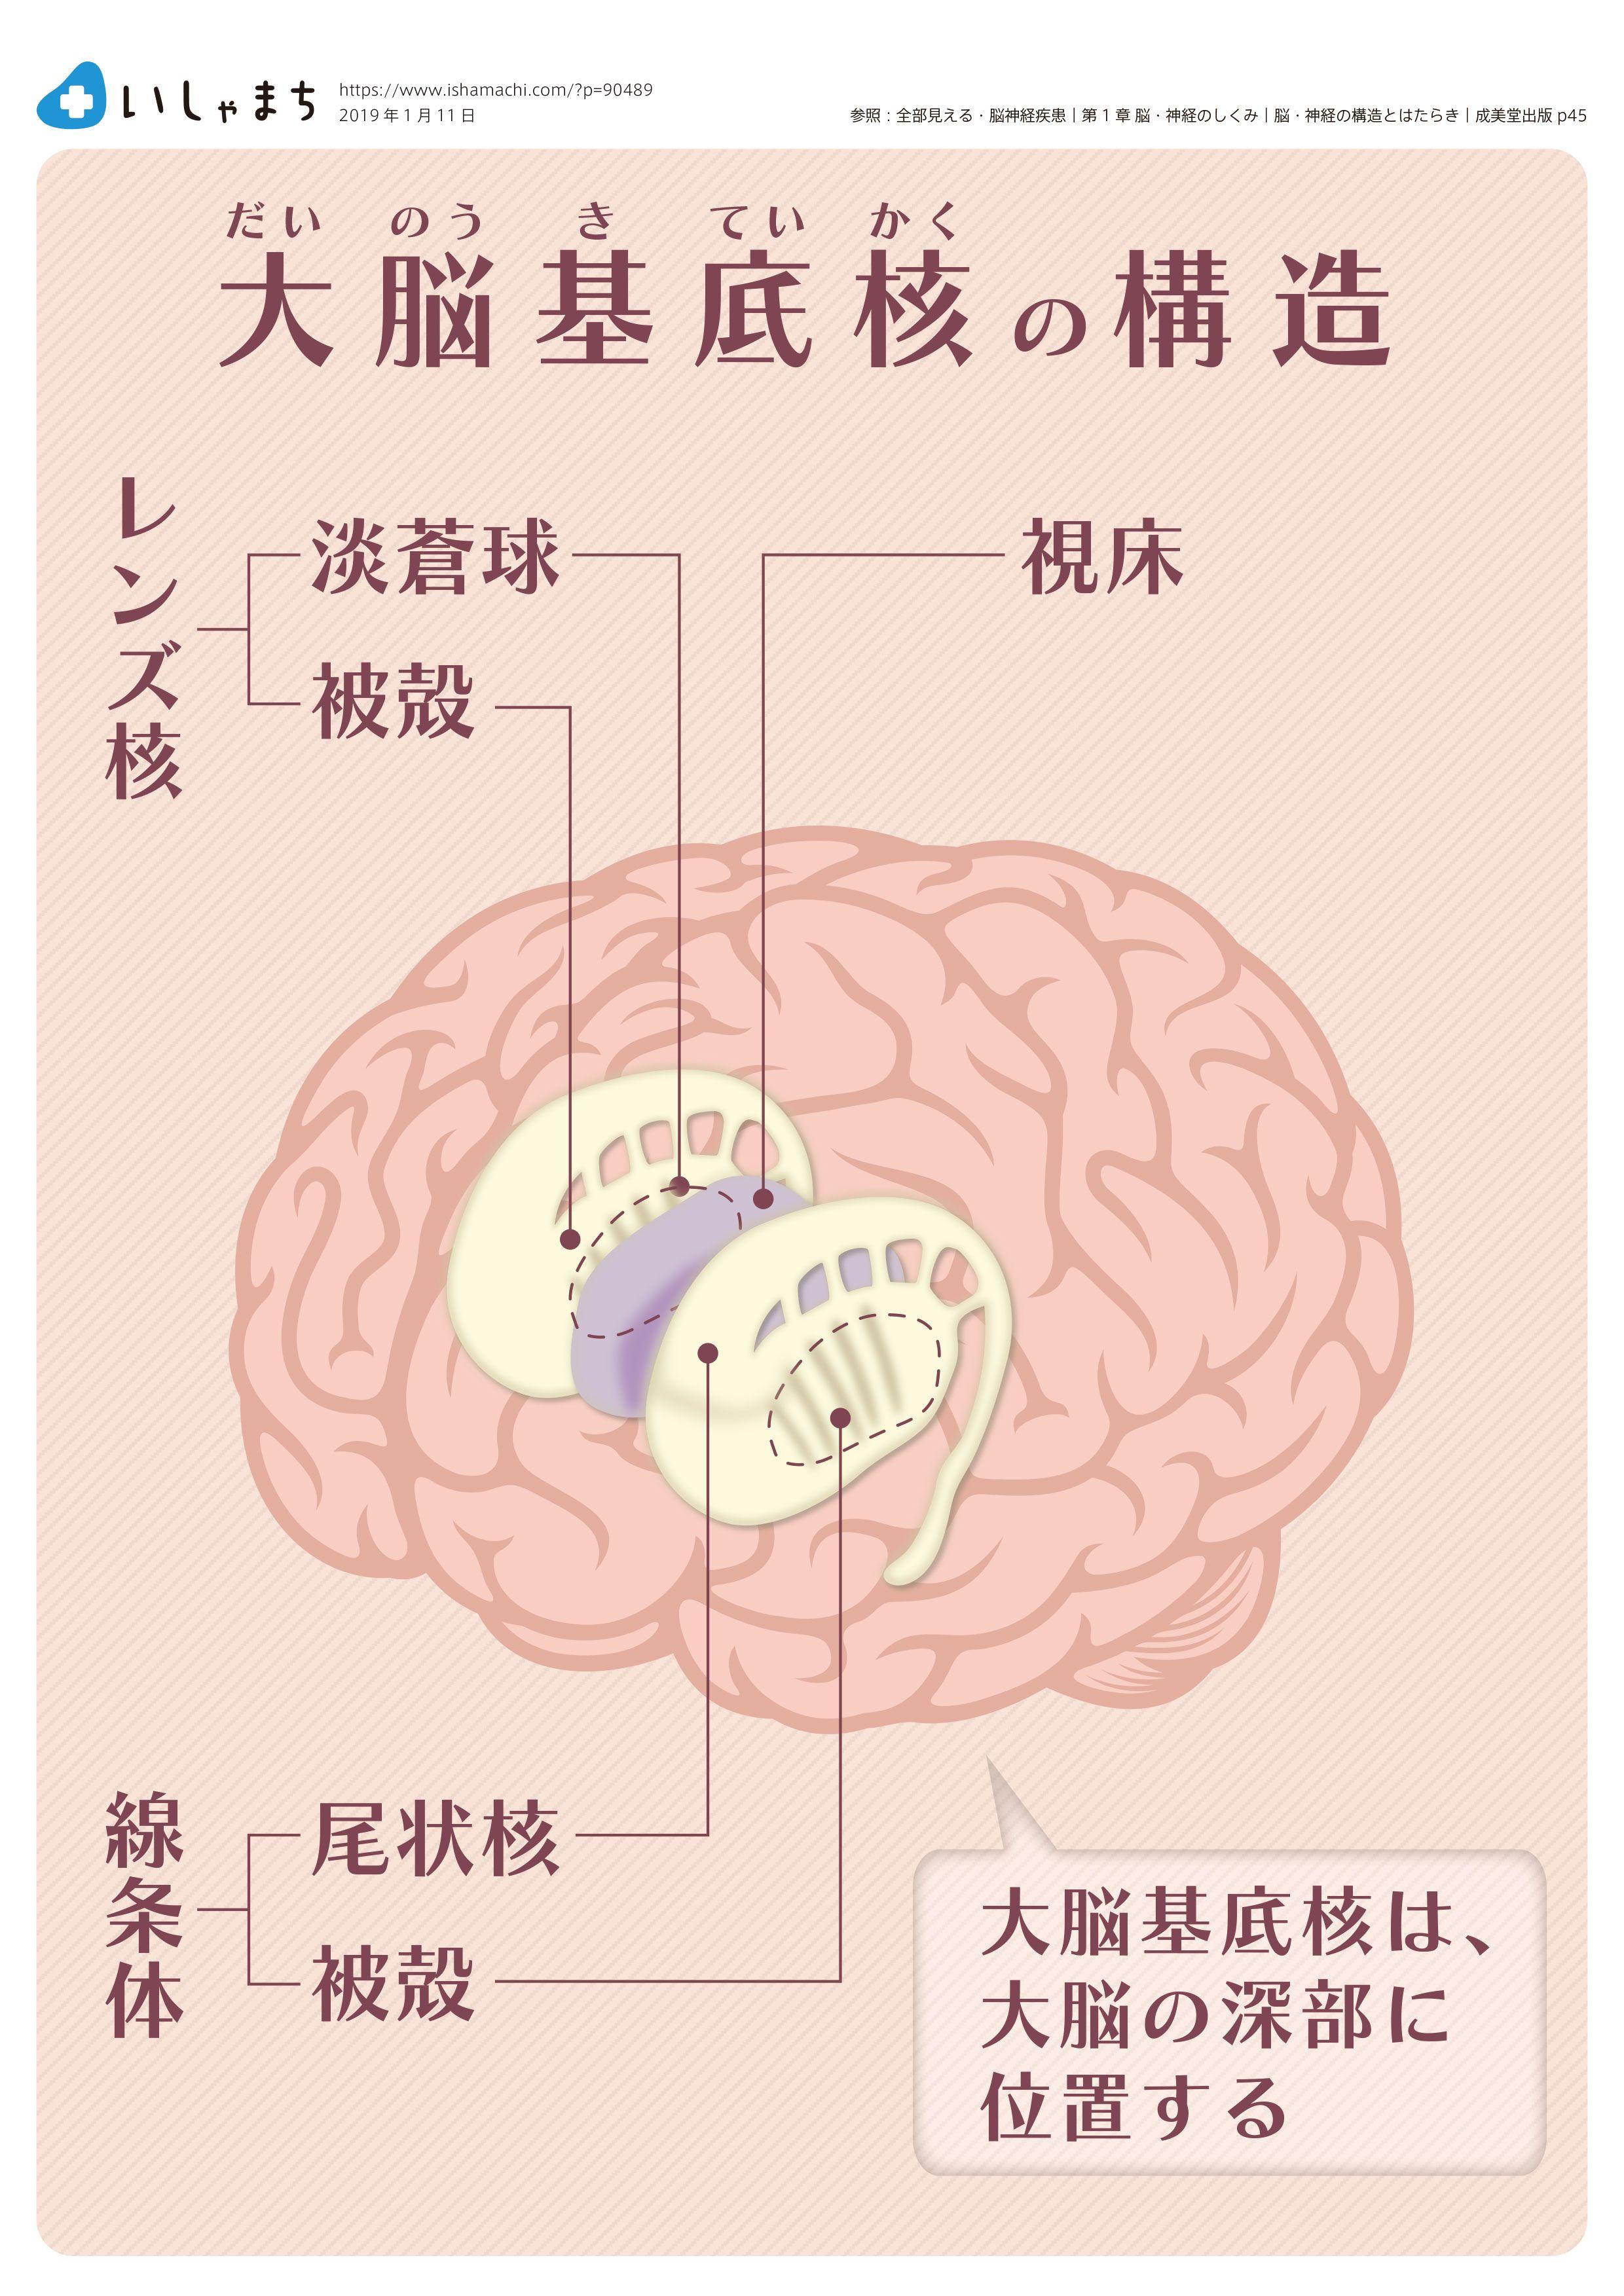 大脳 皮質 基底 核 変性 症 大脳皮質基底核変性症 - 基礎知識(症状・原因・治療など)